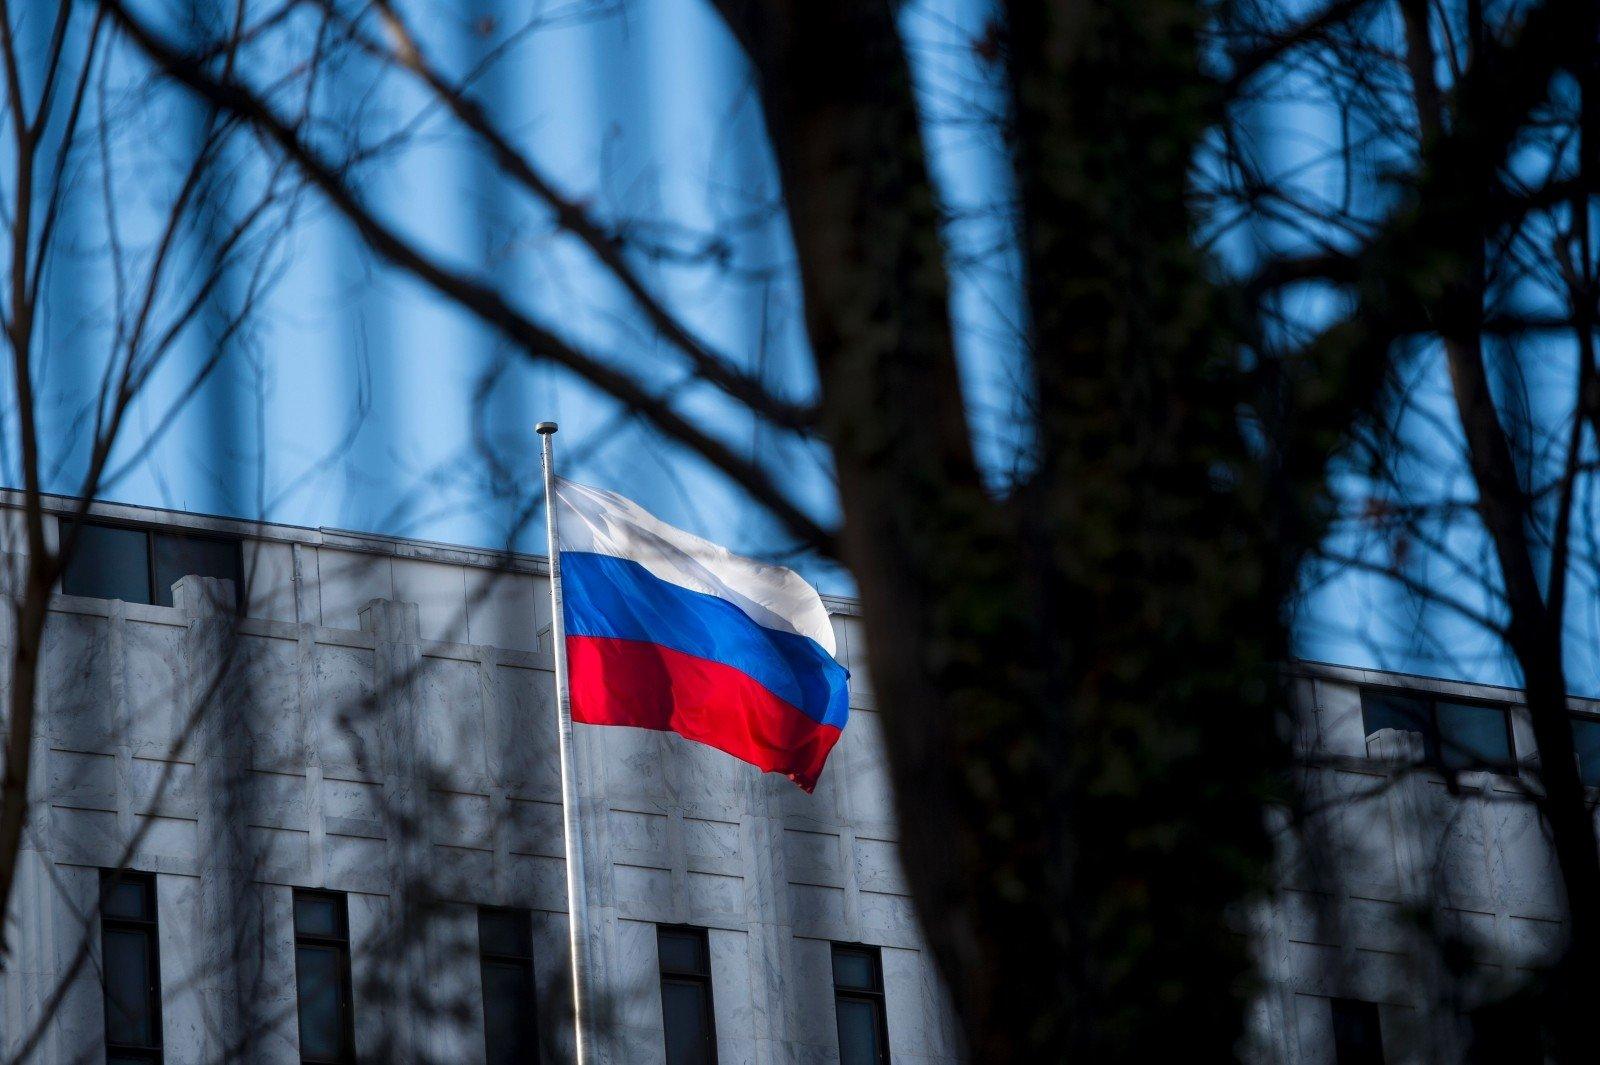 У Российской Федерации все основания адекватно реагировать насанкции— Путин